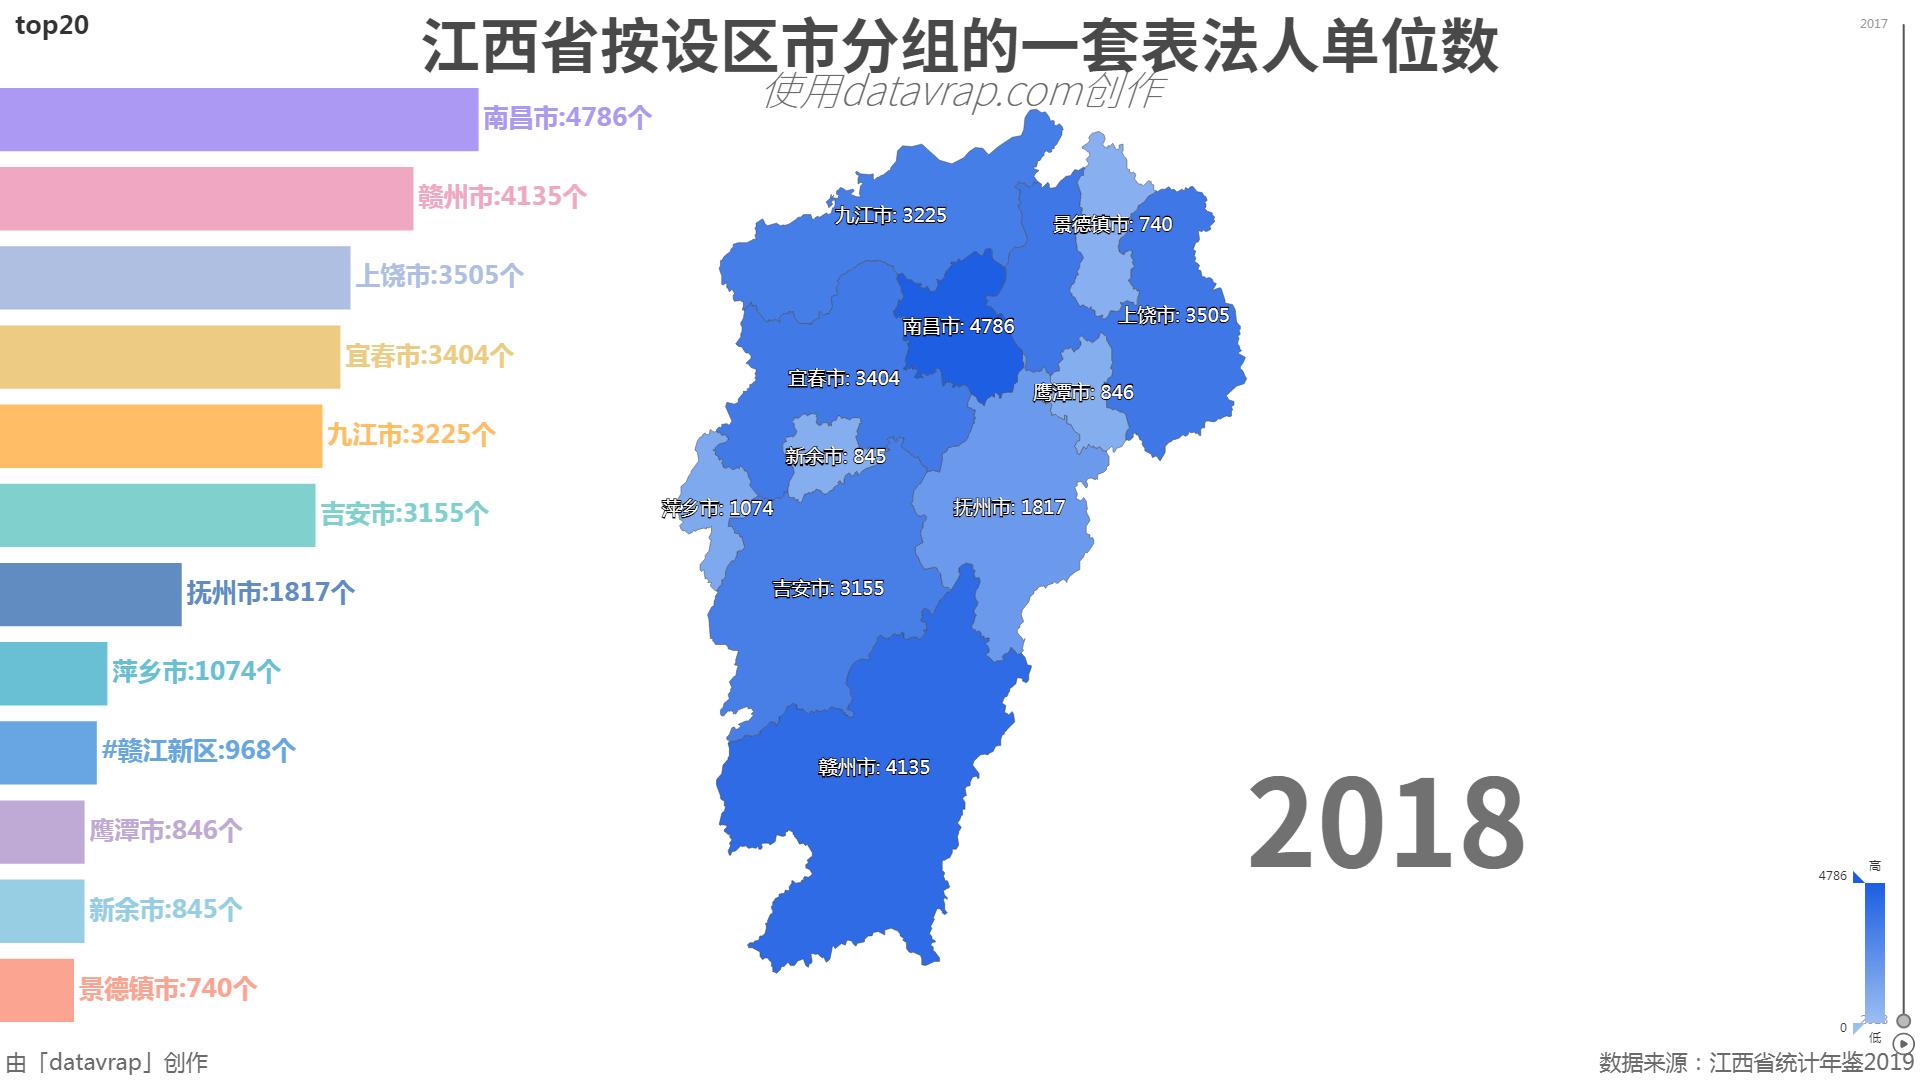 江西省按设区市分组的一套表法人单位数